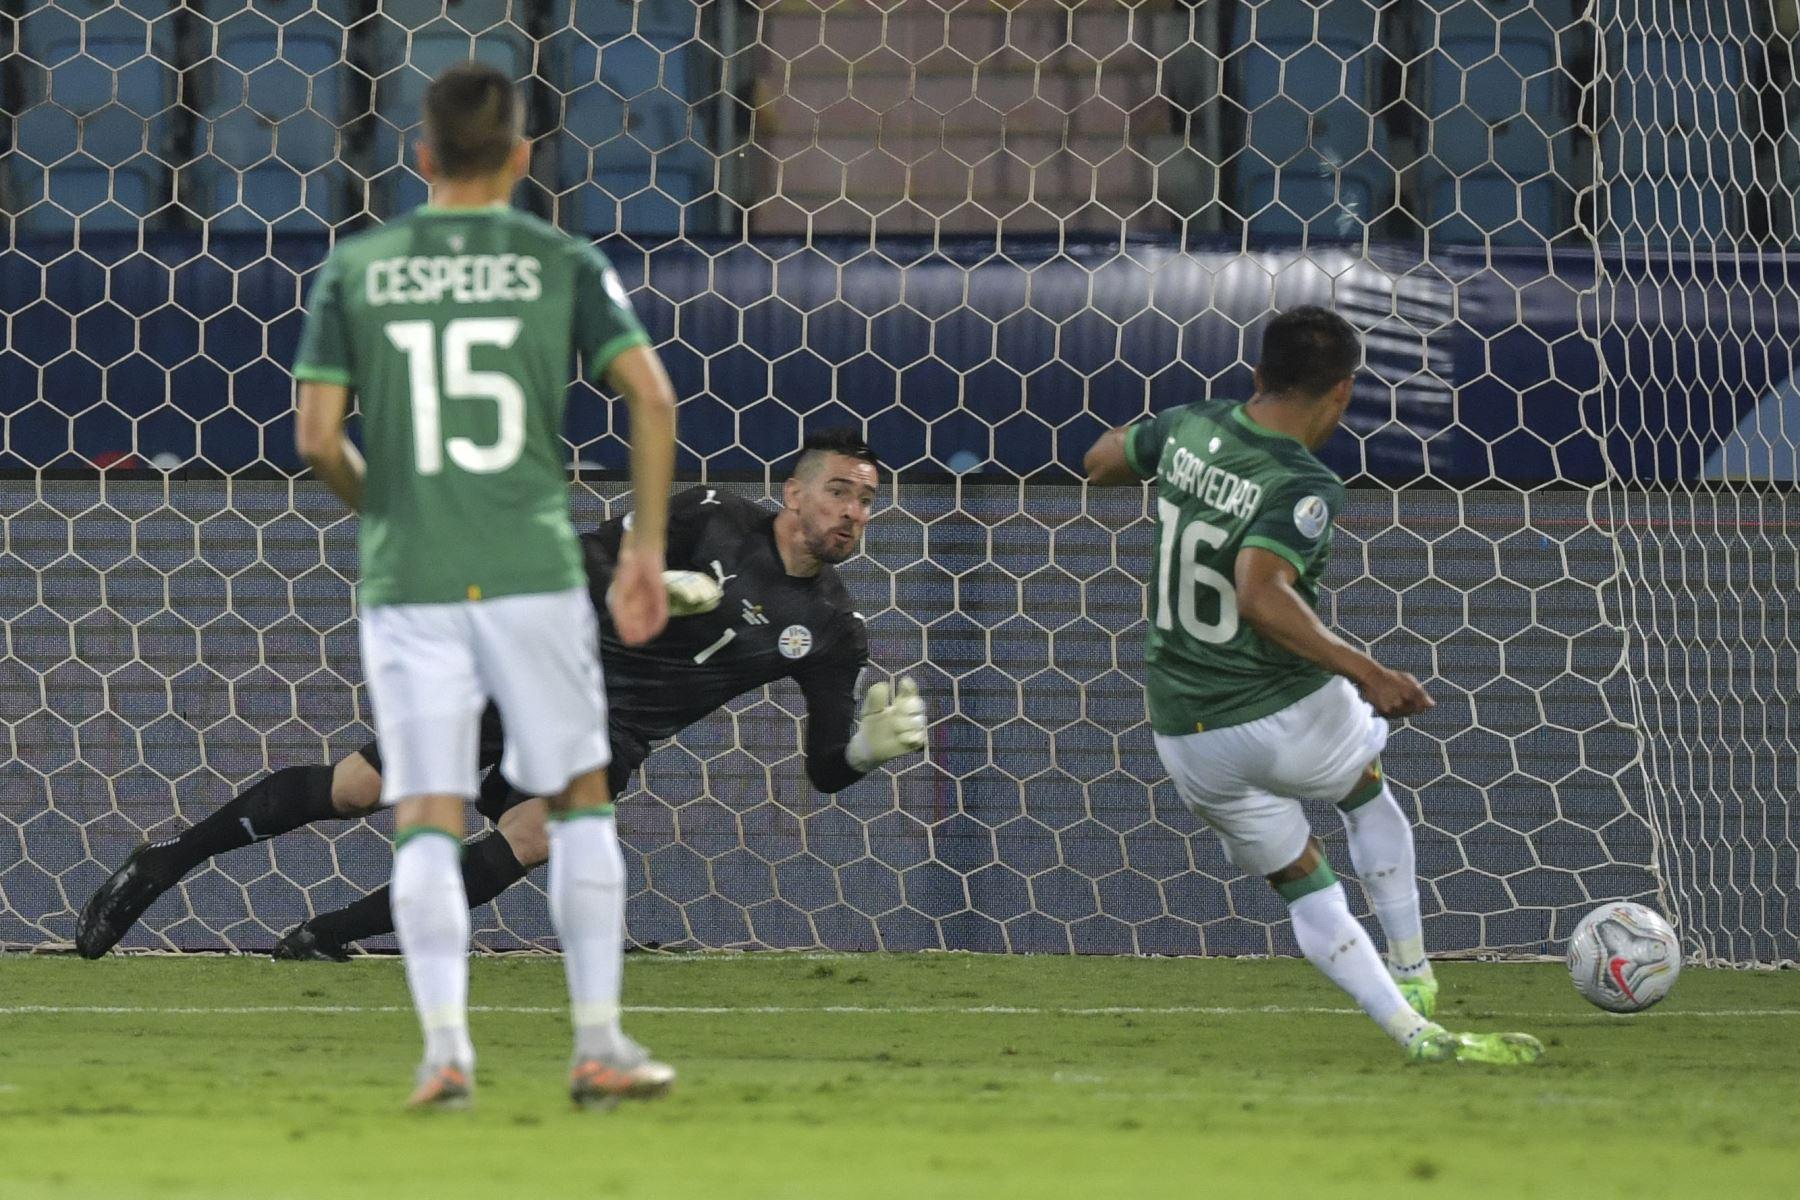 El boliviano Erwin Saavedra lanza un penalti para anotar al portero de Paraguay, Antony Silva, durante su partido de la fase de grupos del torneo de fútbol Conmebol Copa América 2021 en el Estadio Olímpico de Goian. Foto: AFP